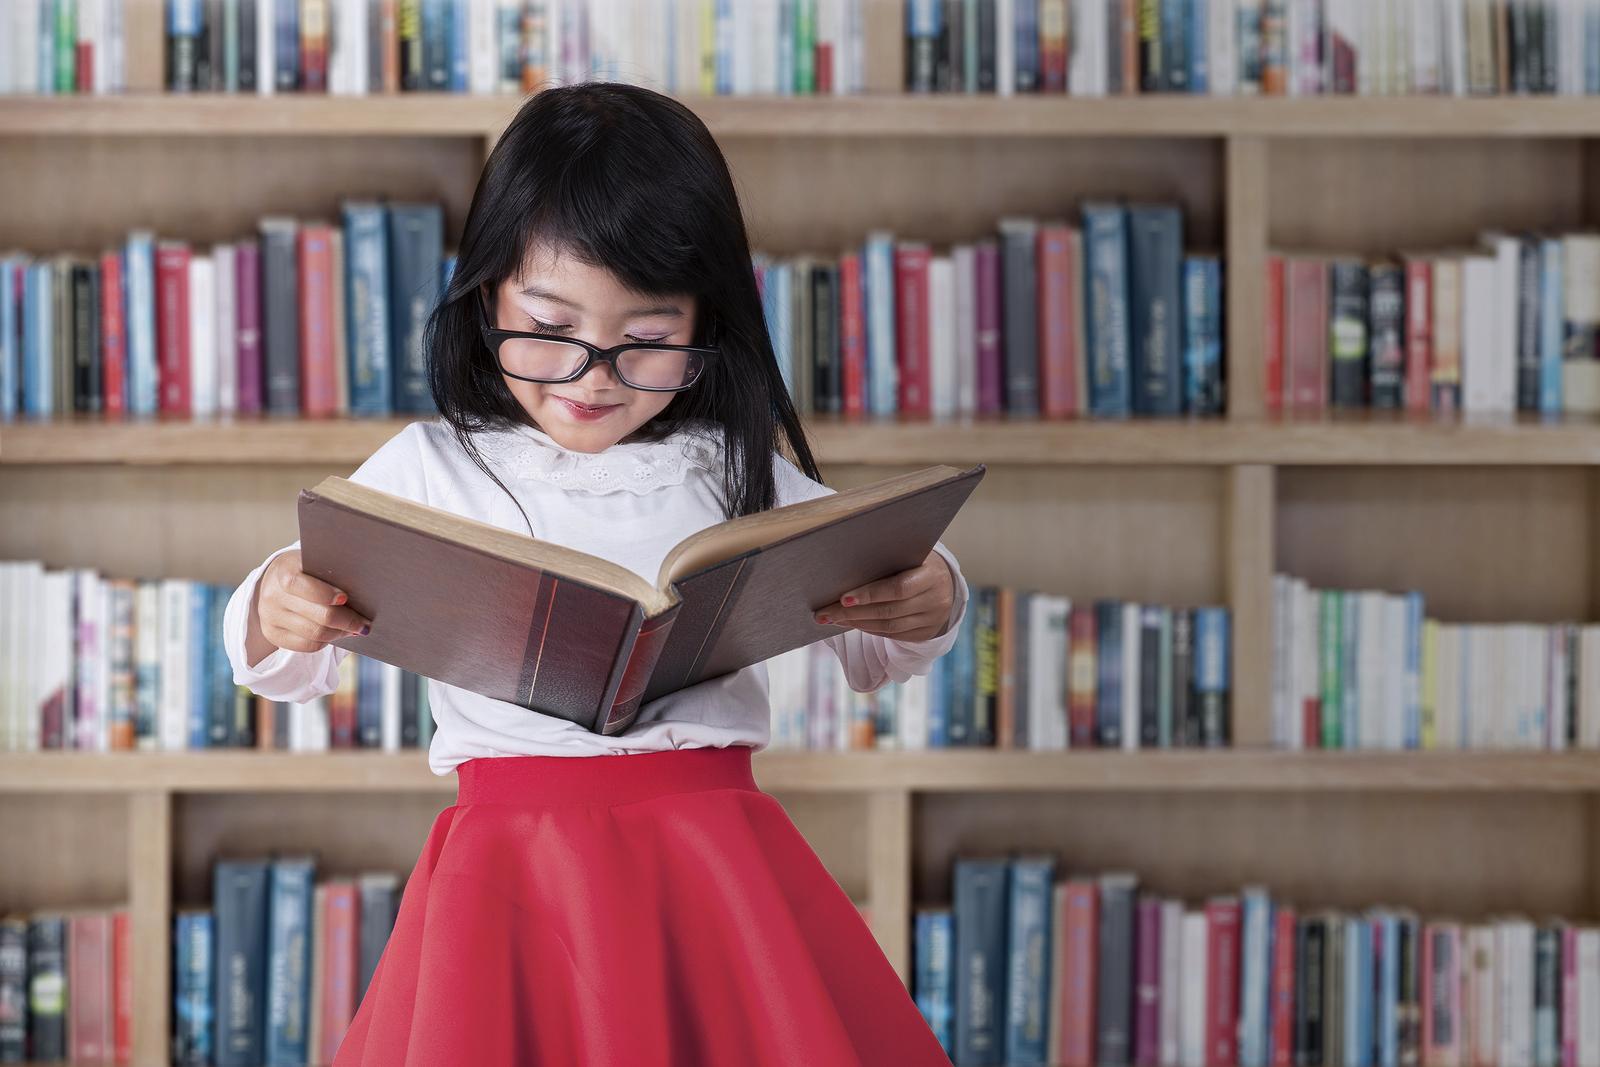 bigstock-schoolgirl-reads-book-in-libra-73221412_overlay1